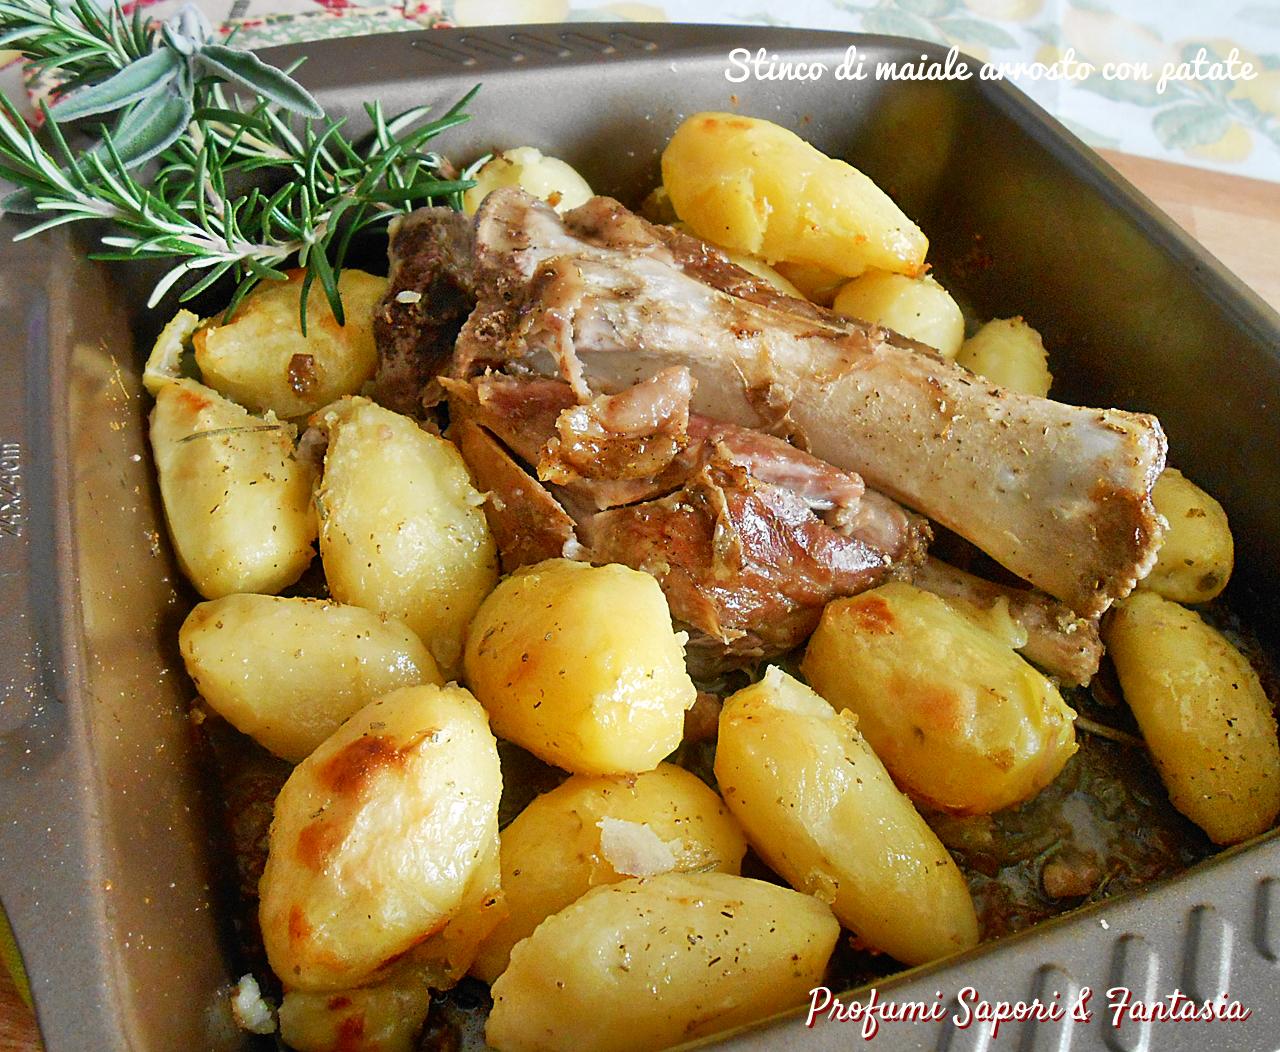 Stinco di maiale arrosto con patate